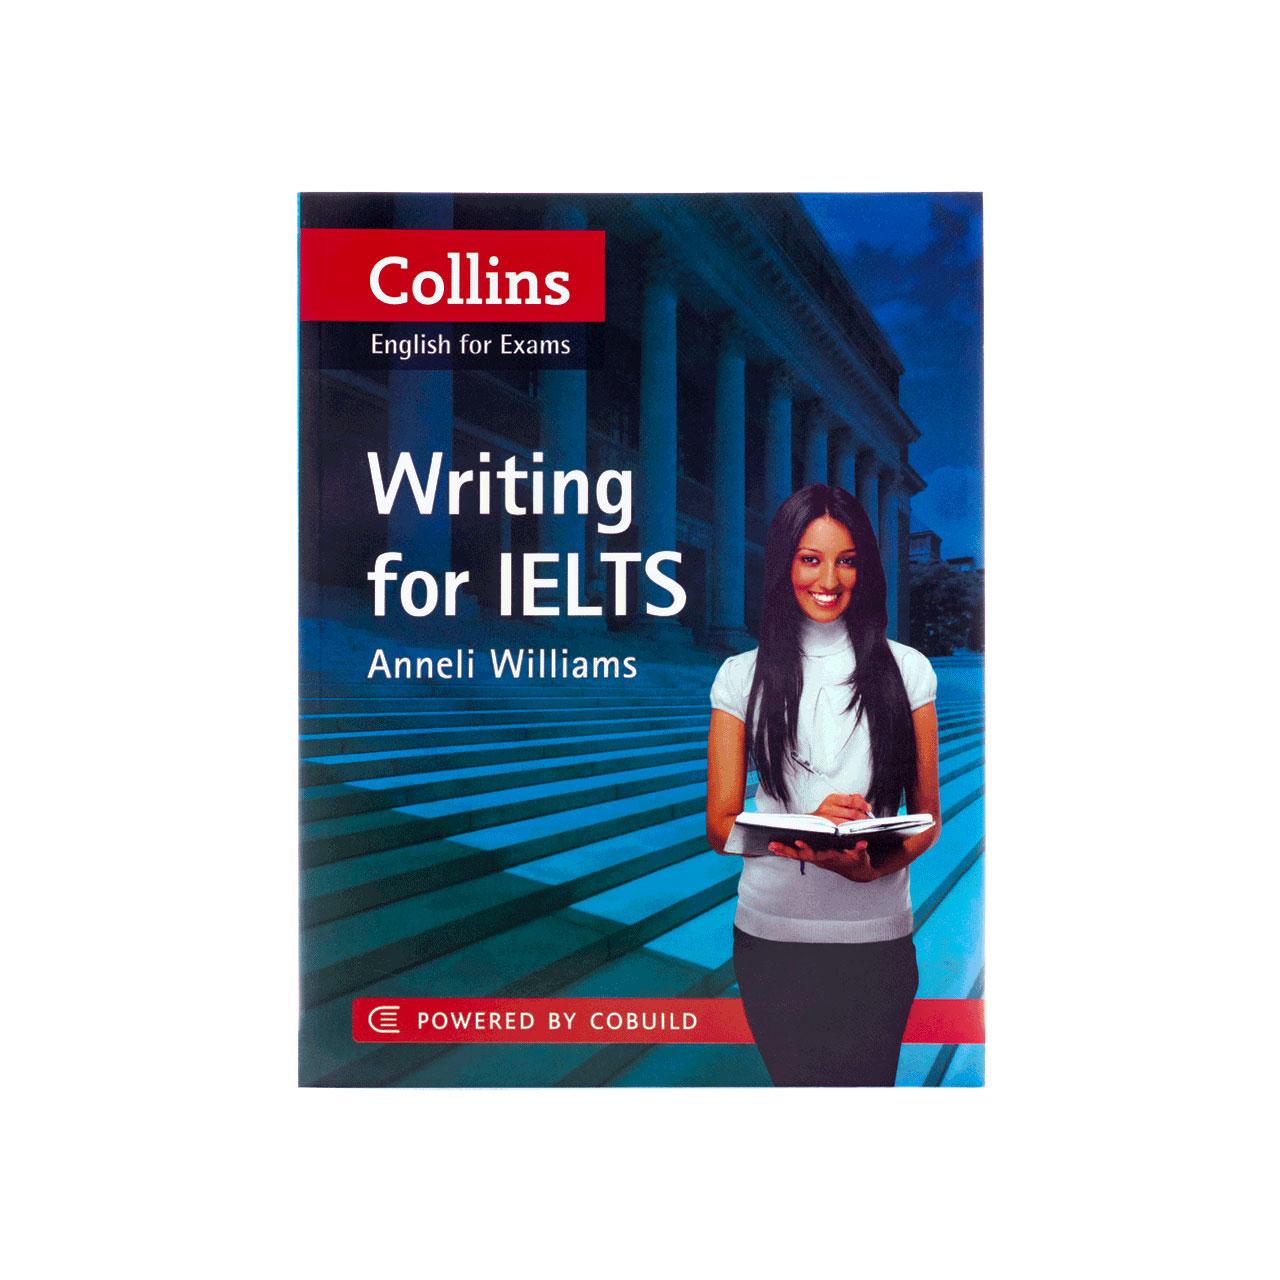 کتاب زبان Collins English for Exams Writing for Ieltsانتشارات جنگل